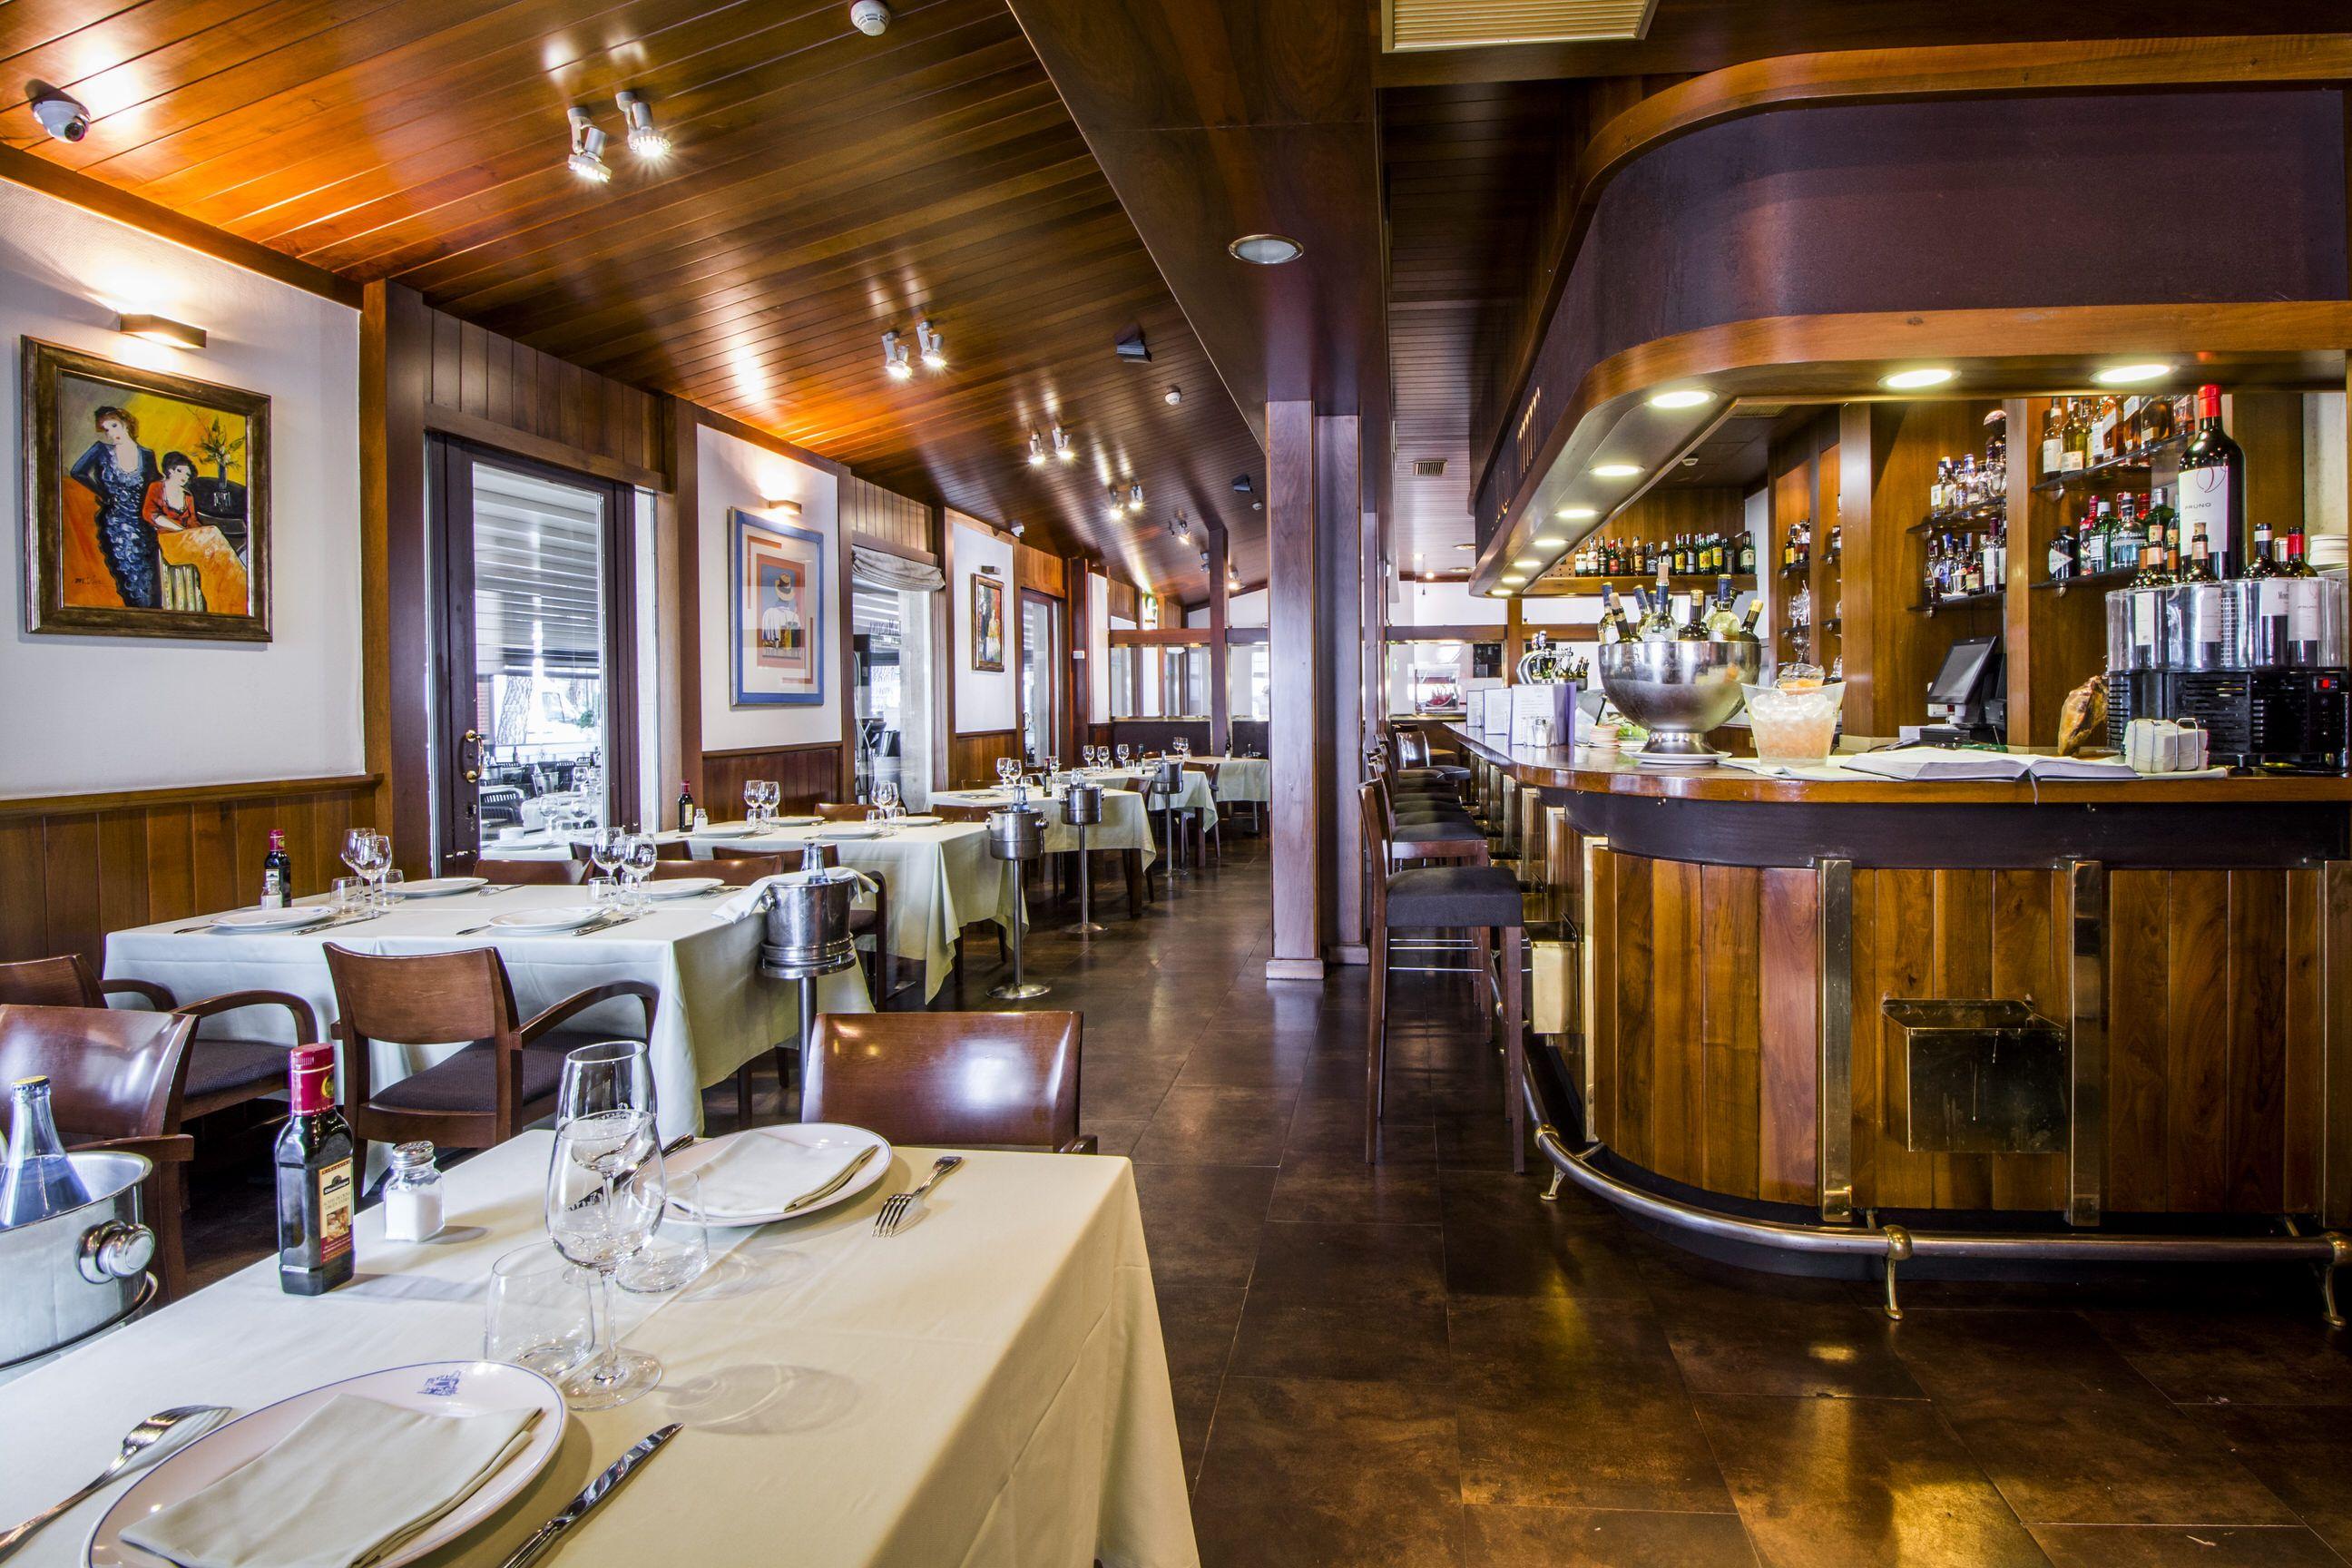 A La Entrada Del Restaurante Mesas Bajas Junto A La Barra Para Picotear Mesas Bajas Restaurantes Maquinista